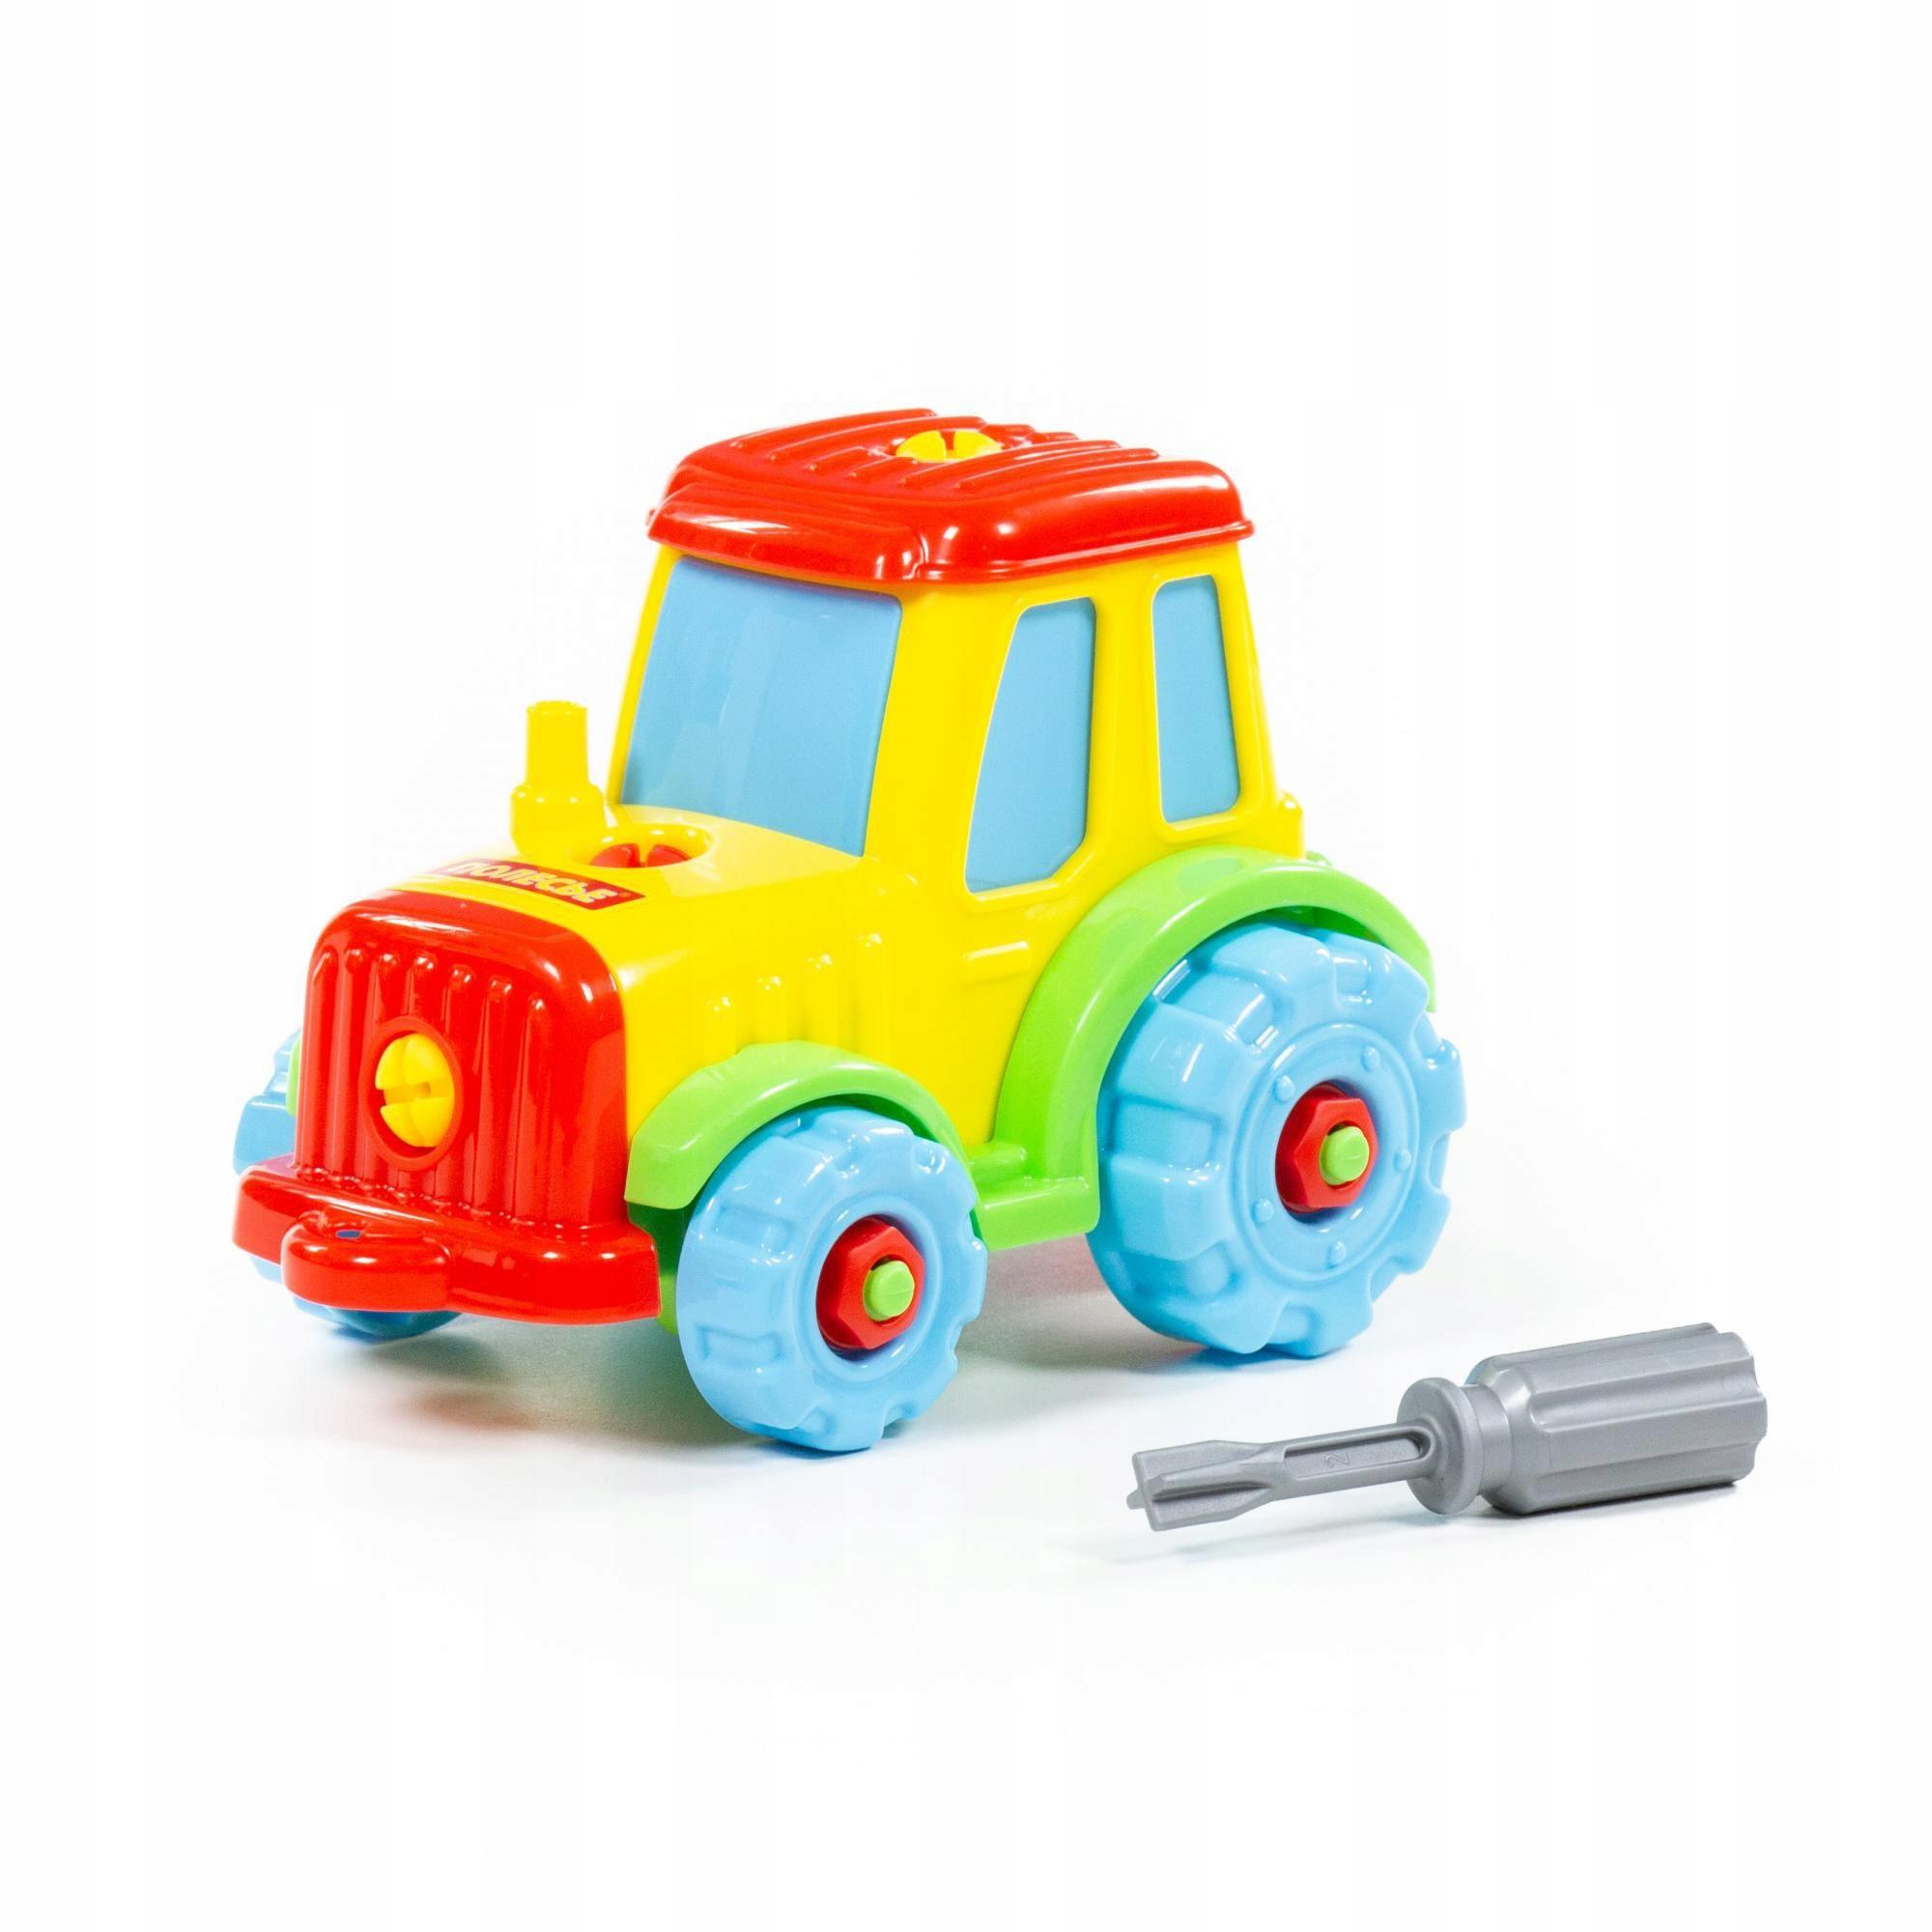 Kolorowy Traktor Ze Śrubokrętem 20 elemrntów